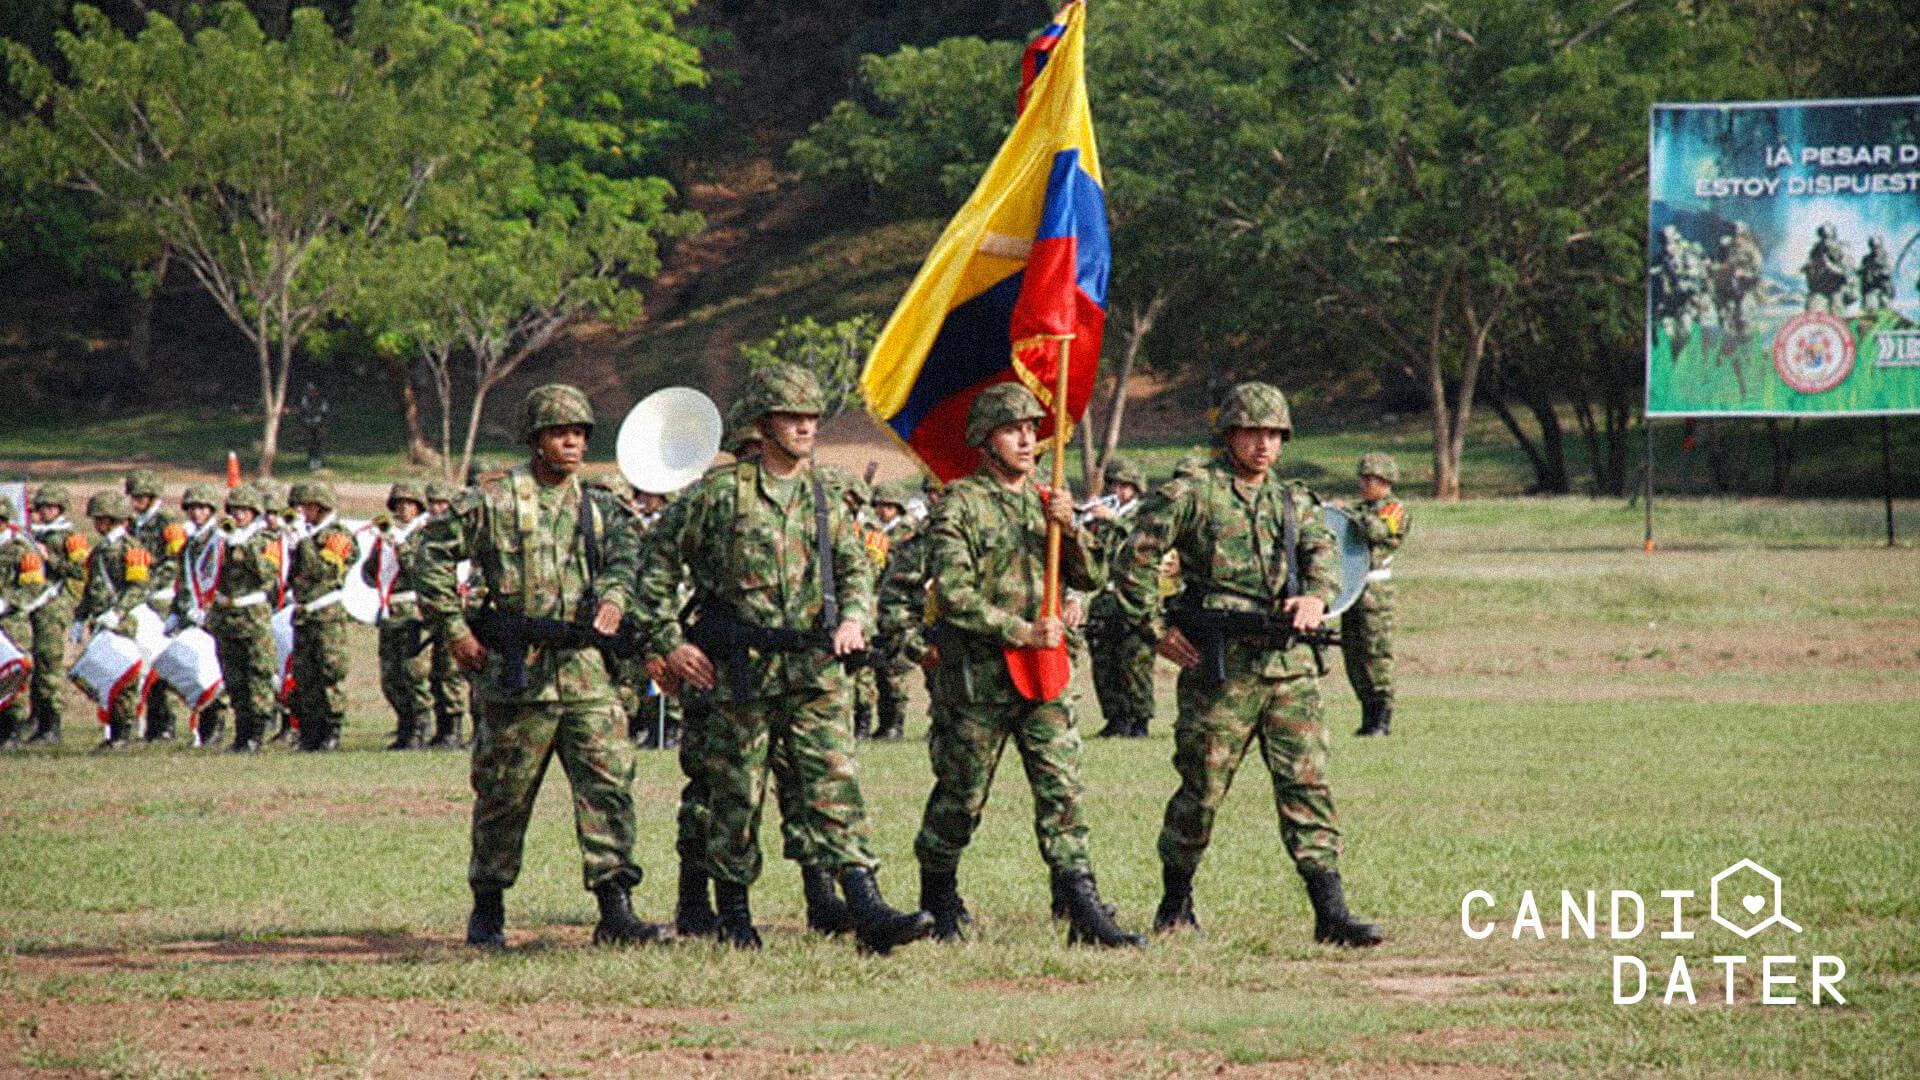 Servicio militar obligatorio: un gran punto de discordia entre Petro y Duque